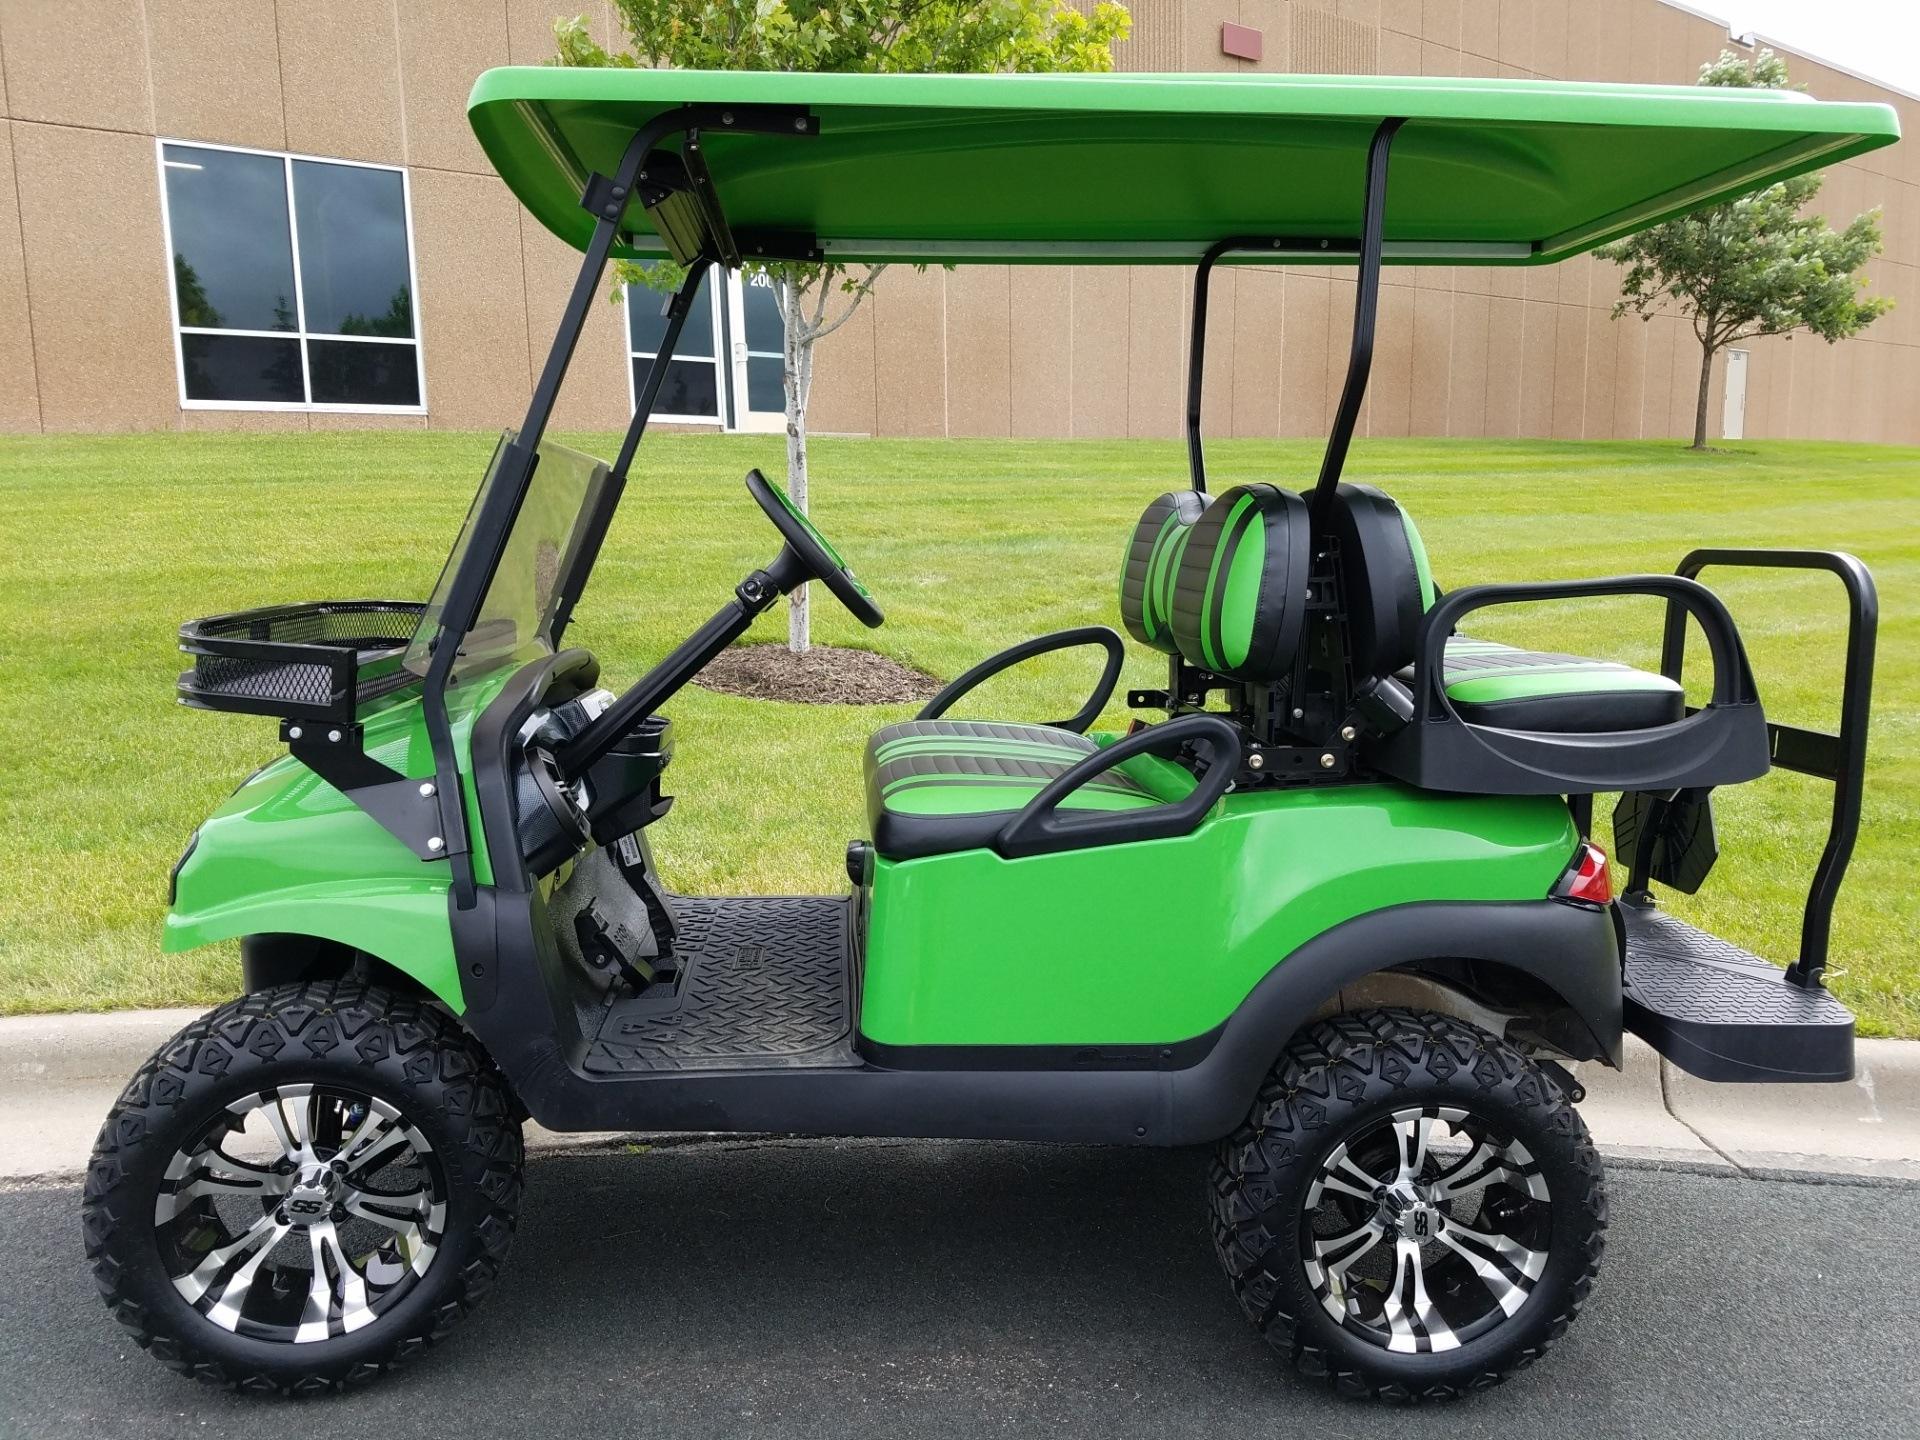 Club Car Golf Cart Basket Diions on